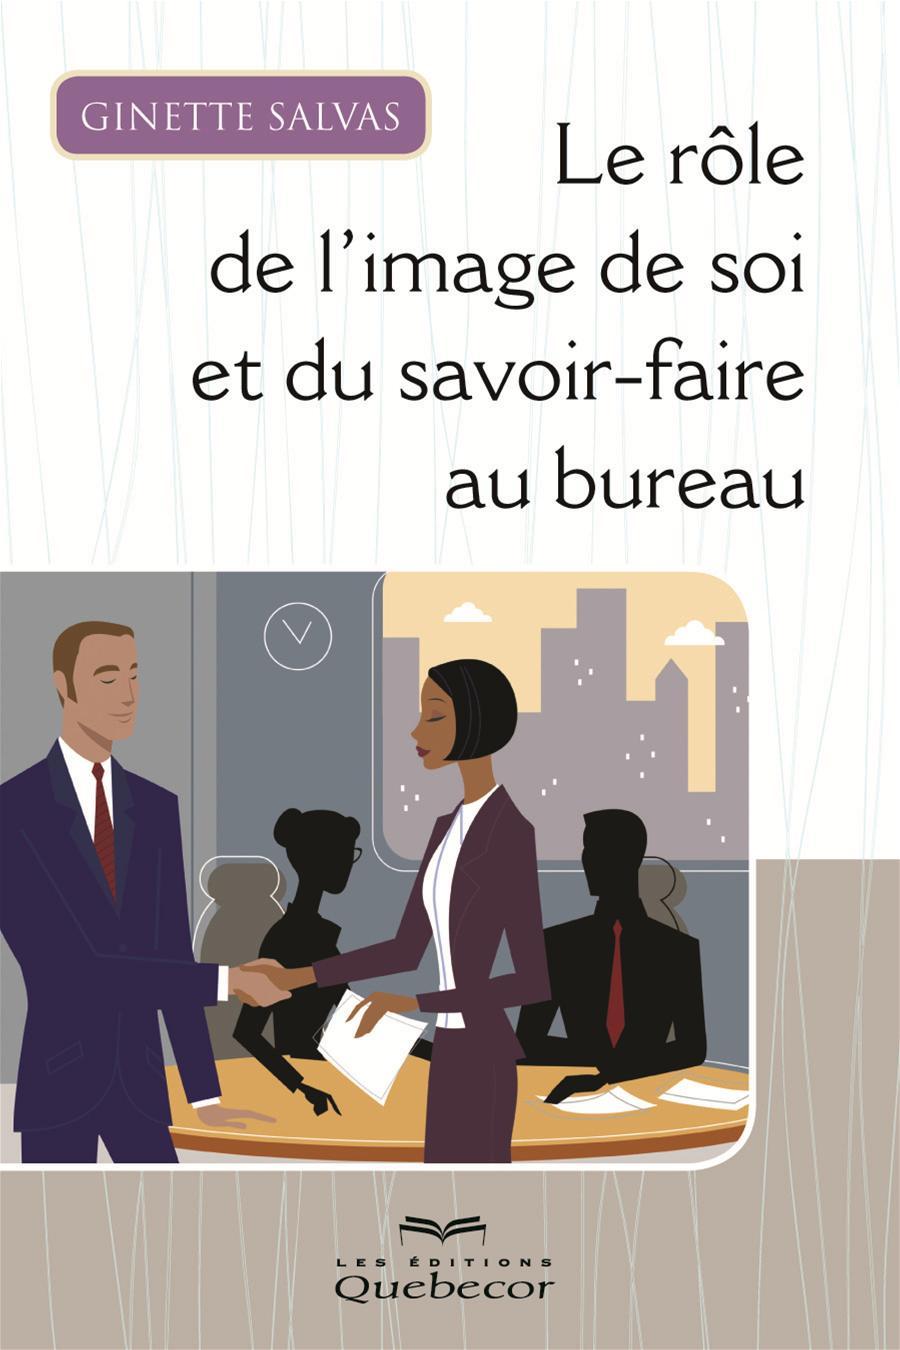 Le rôle de l'image de soi et du savoir-faire au bureau